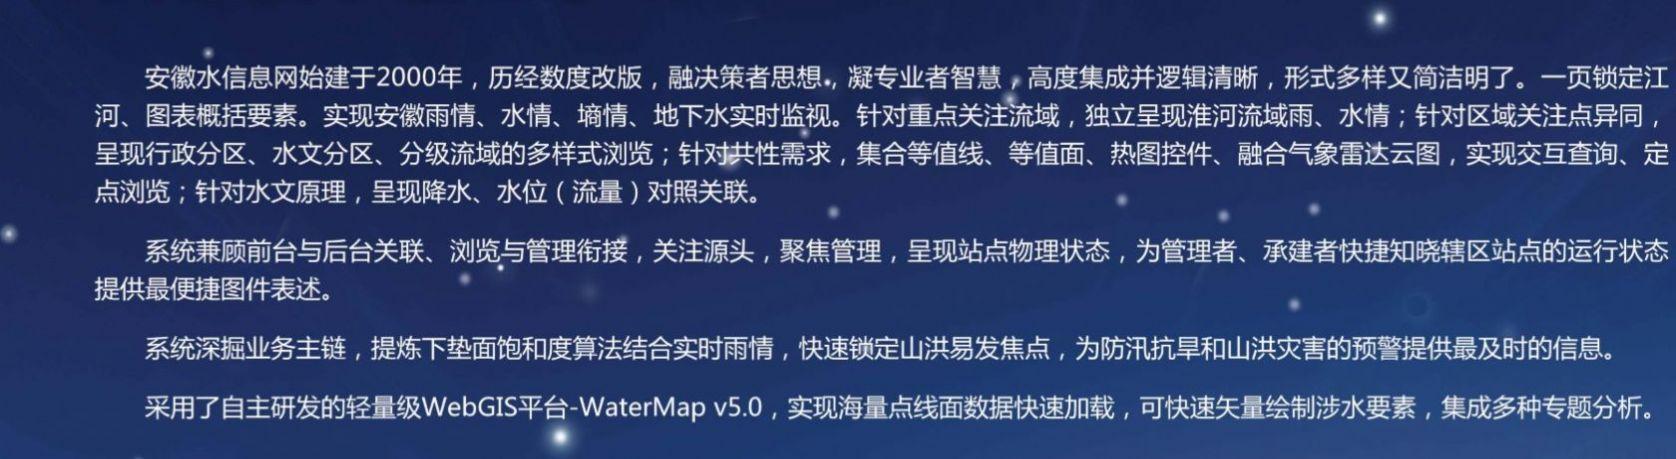 安徽淮河水位实时查询app最新版图片1